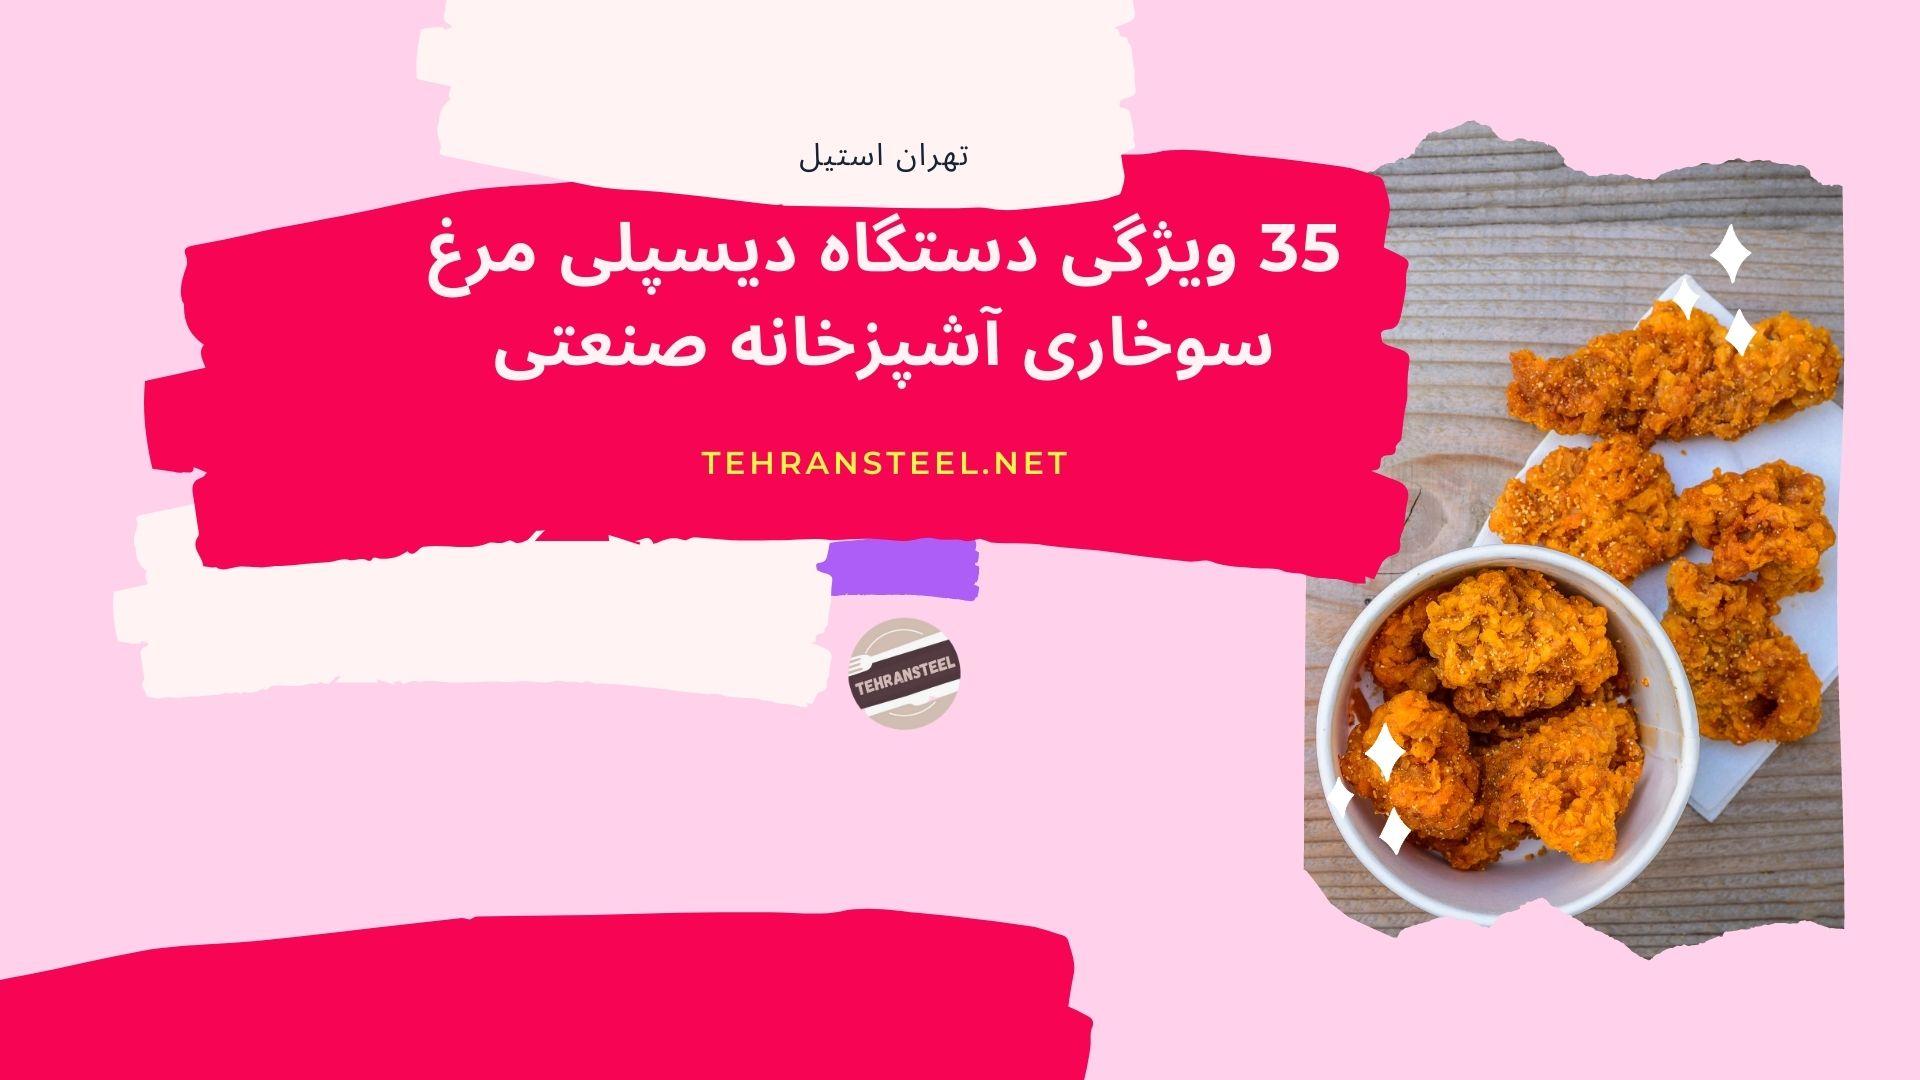 35 ویژگی دستگاه دیسپلی مرغ سوخاری آشپزخانه صنعتی